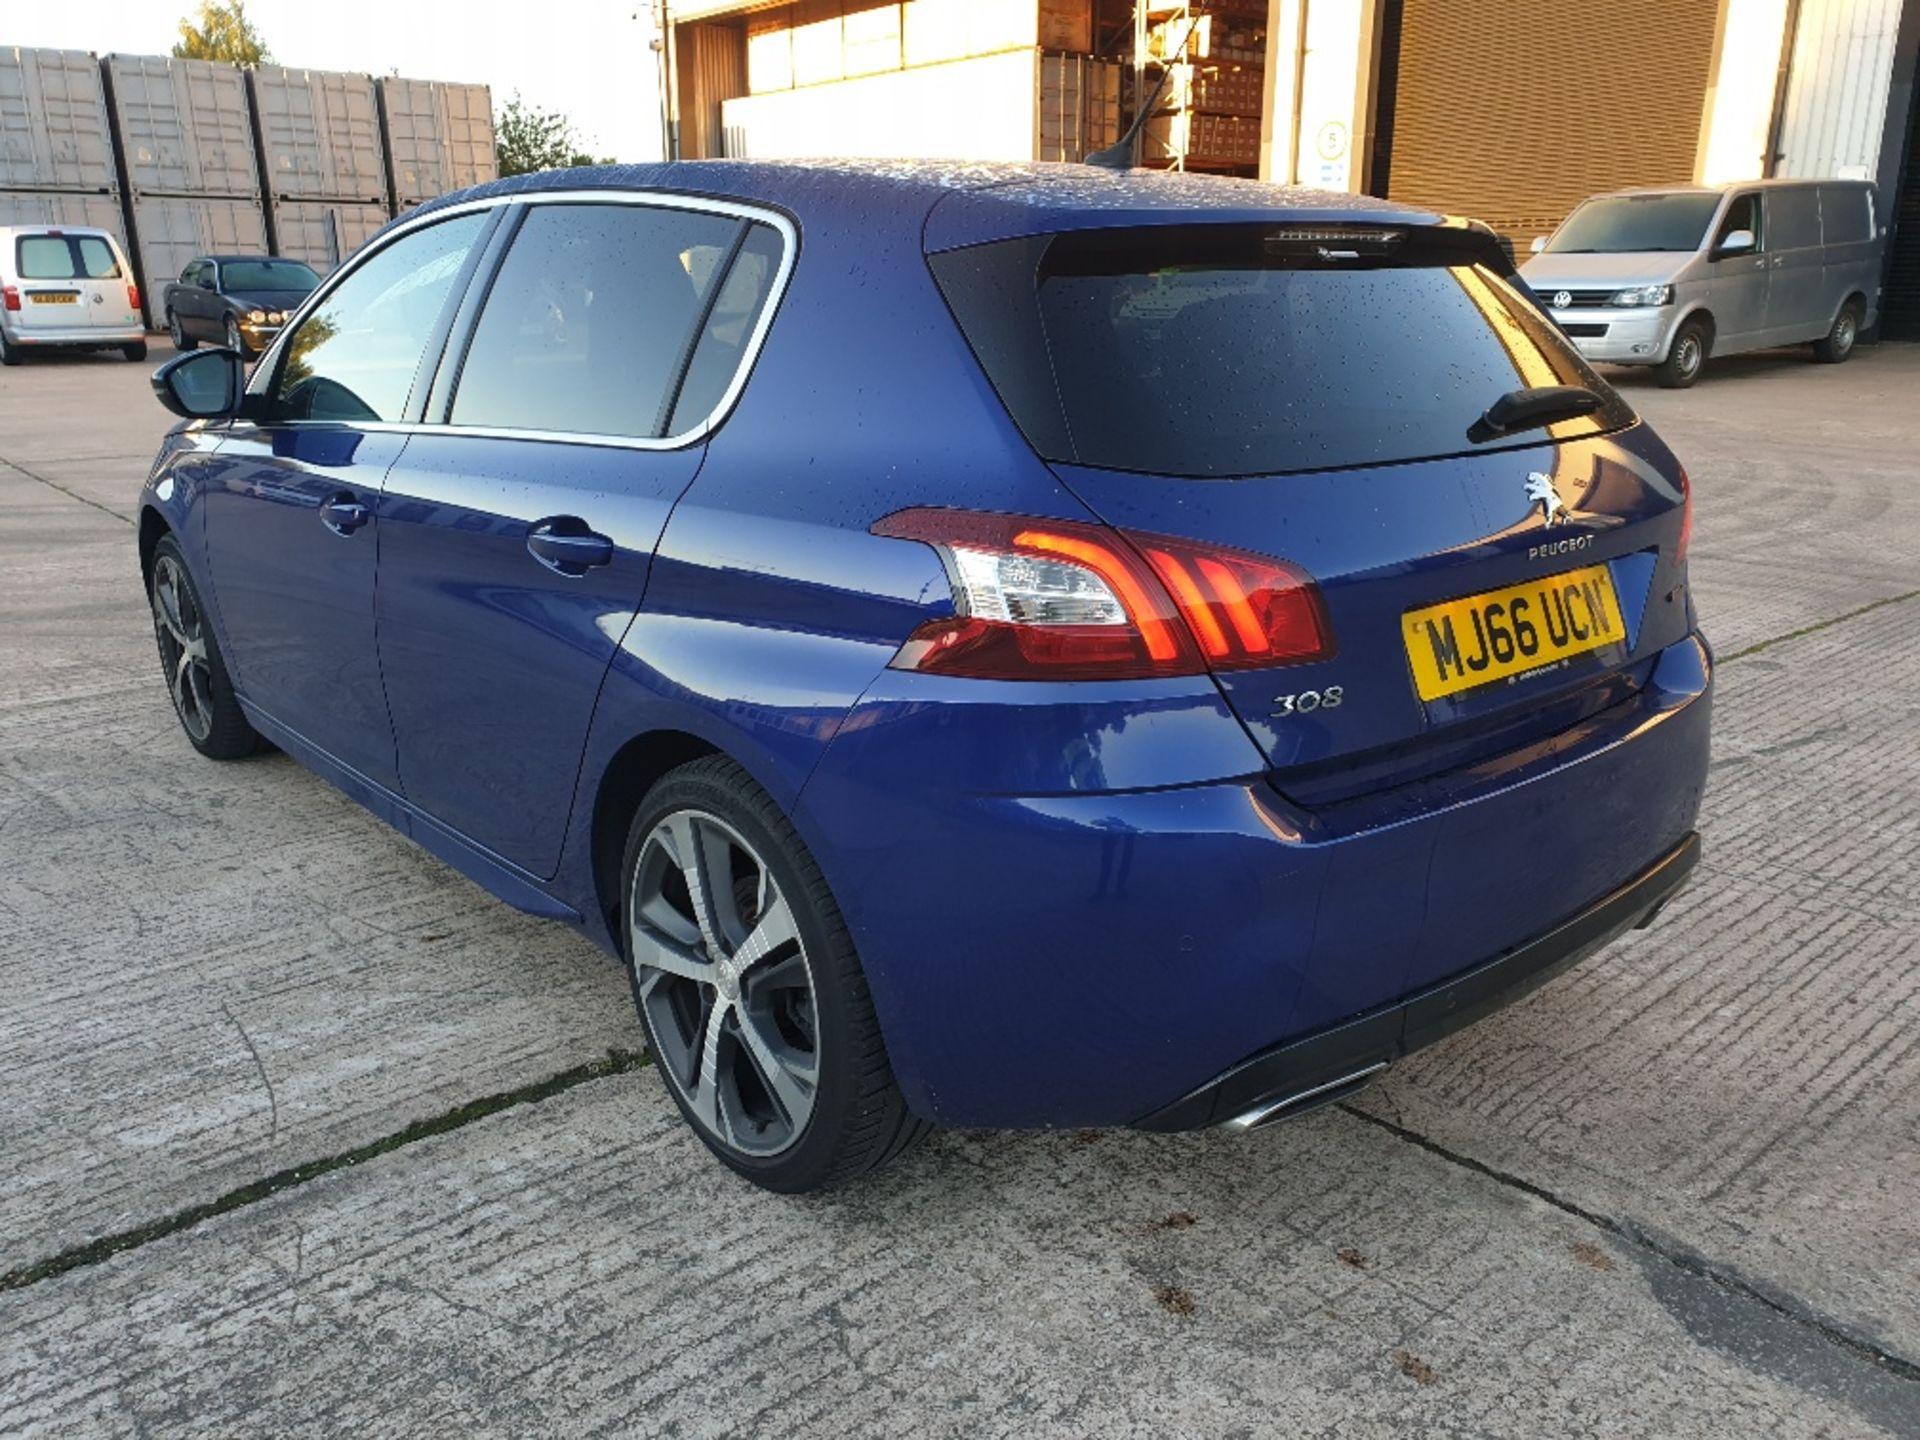 BLUE PEUGEOT 308 GT LINE. Reg : MJ66 UCN, Mileage : 14470 Details: WITH 2 X KEYS WITH V5 MOT UNTIL - Image 3 of 12